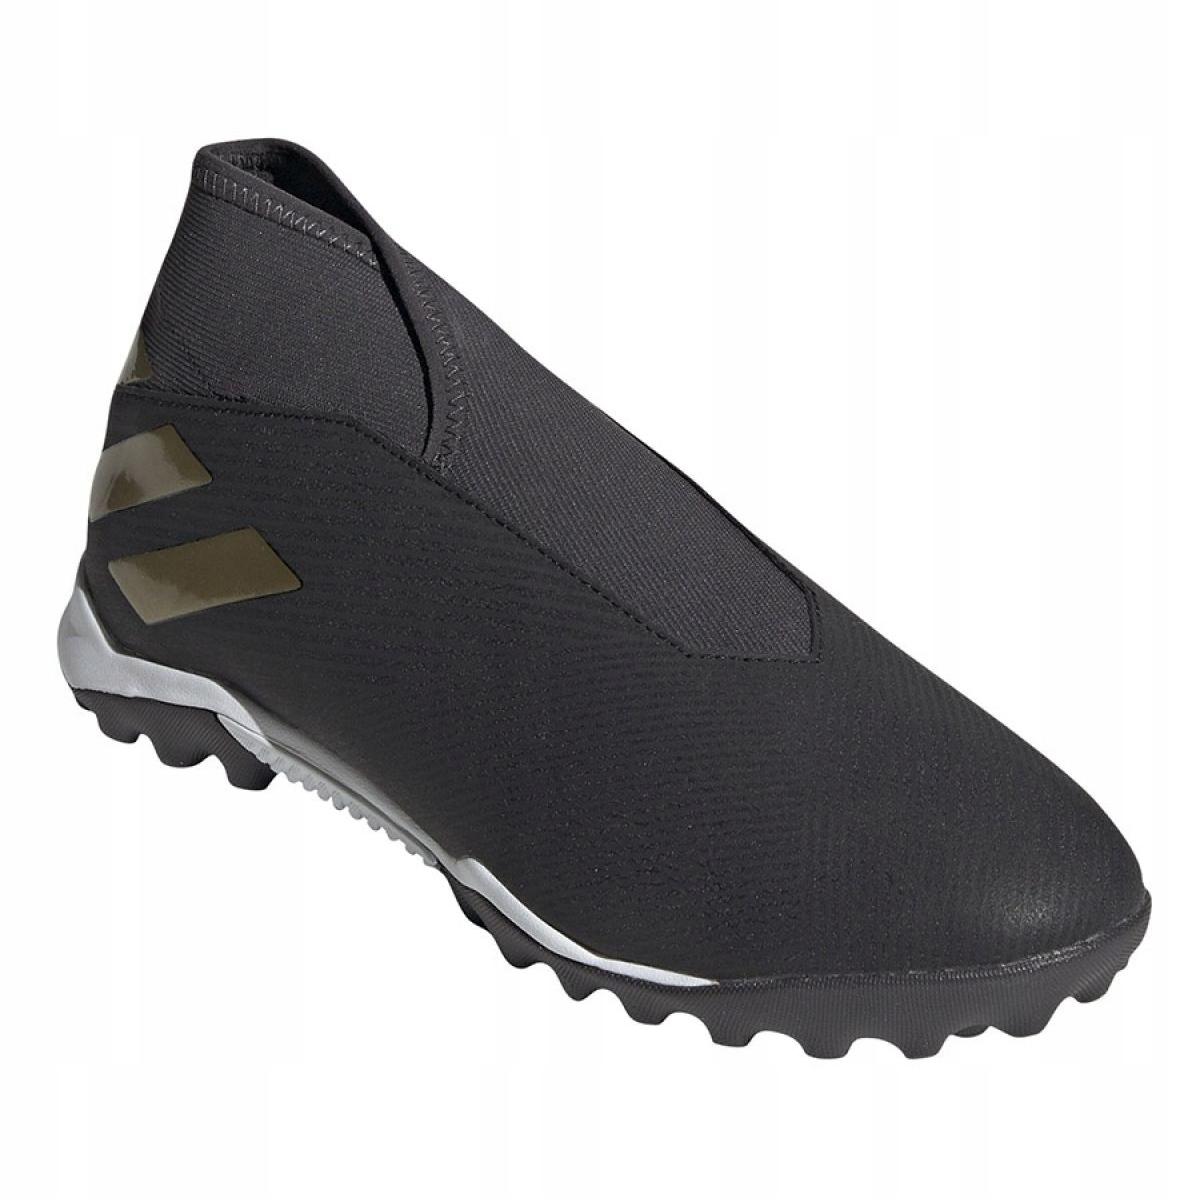 Dettagli su Scarpe da calcio Adidas Nemeziz 19.3 Ll Tf M EF0386 nero nero